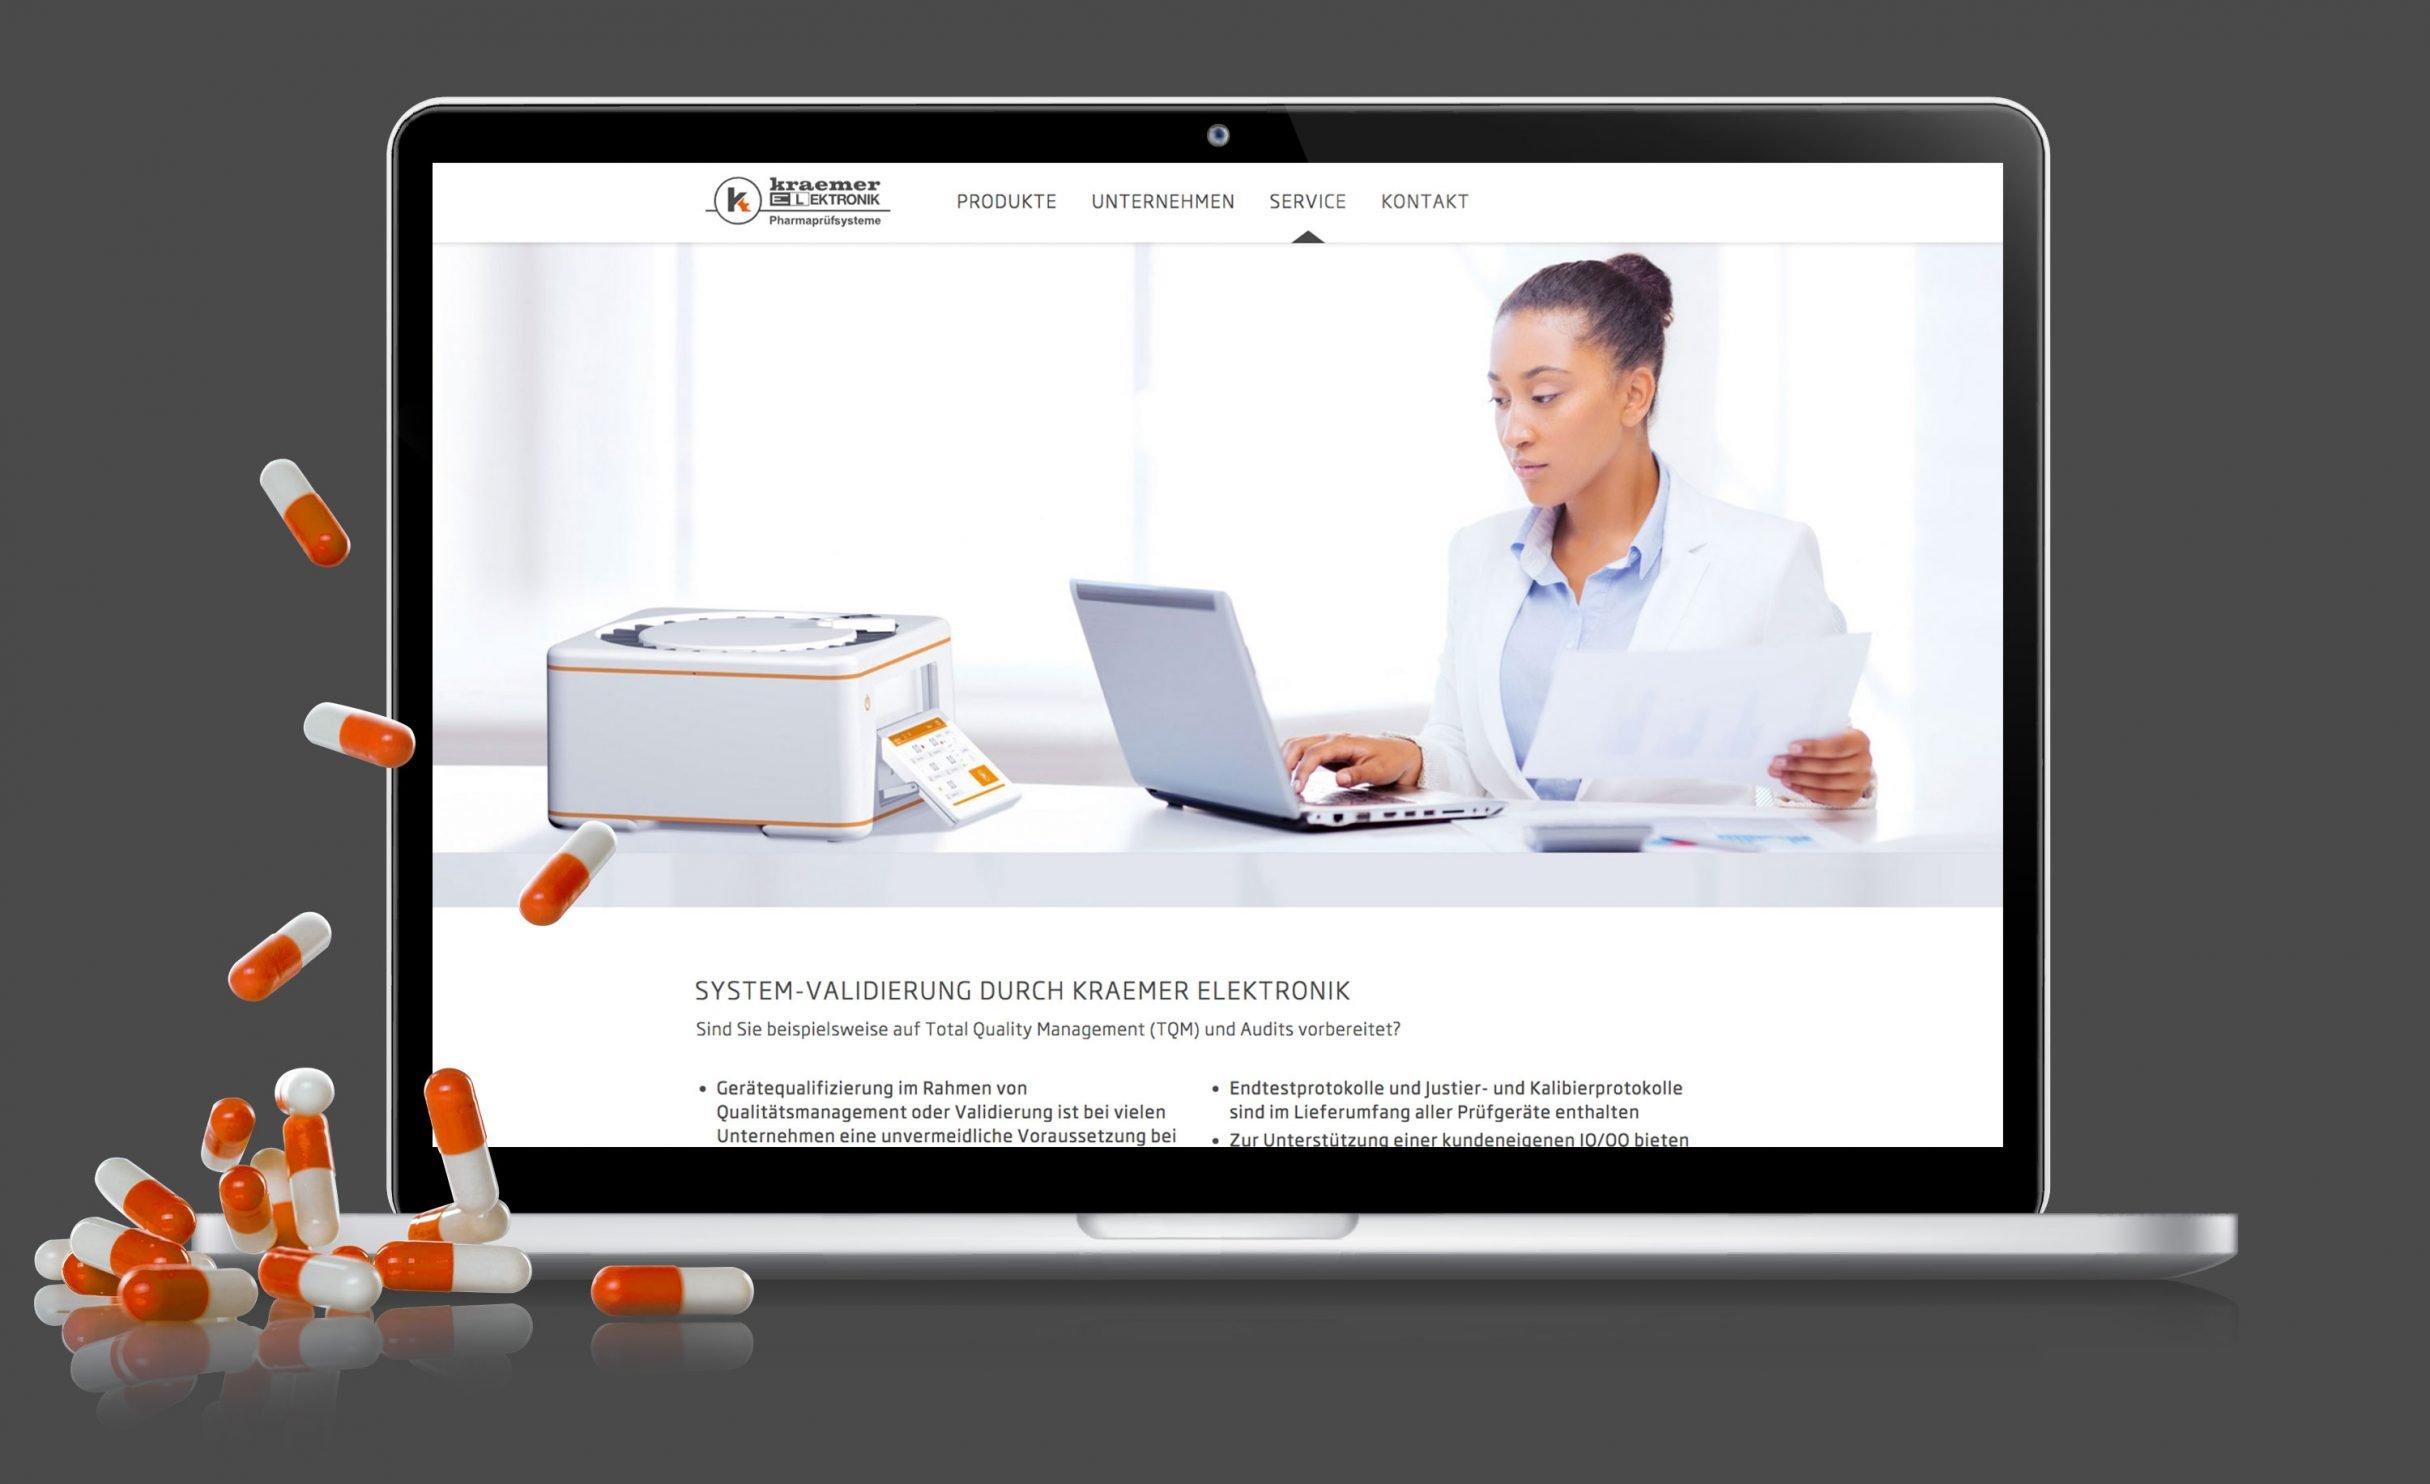 Corporate Website für Kraemer Elektronik: DIE NEUDENKER® Agentur, Darmstadt